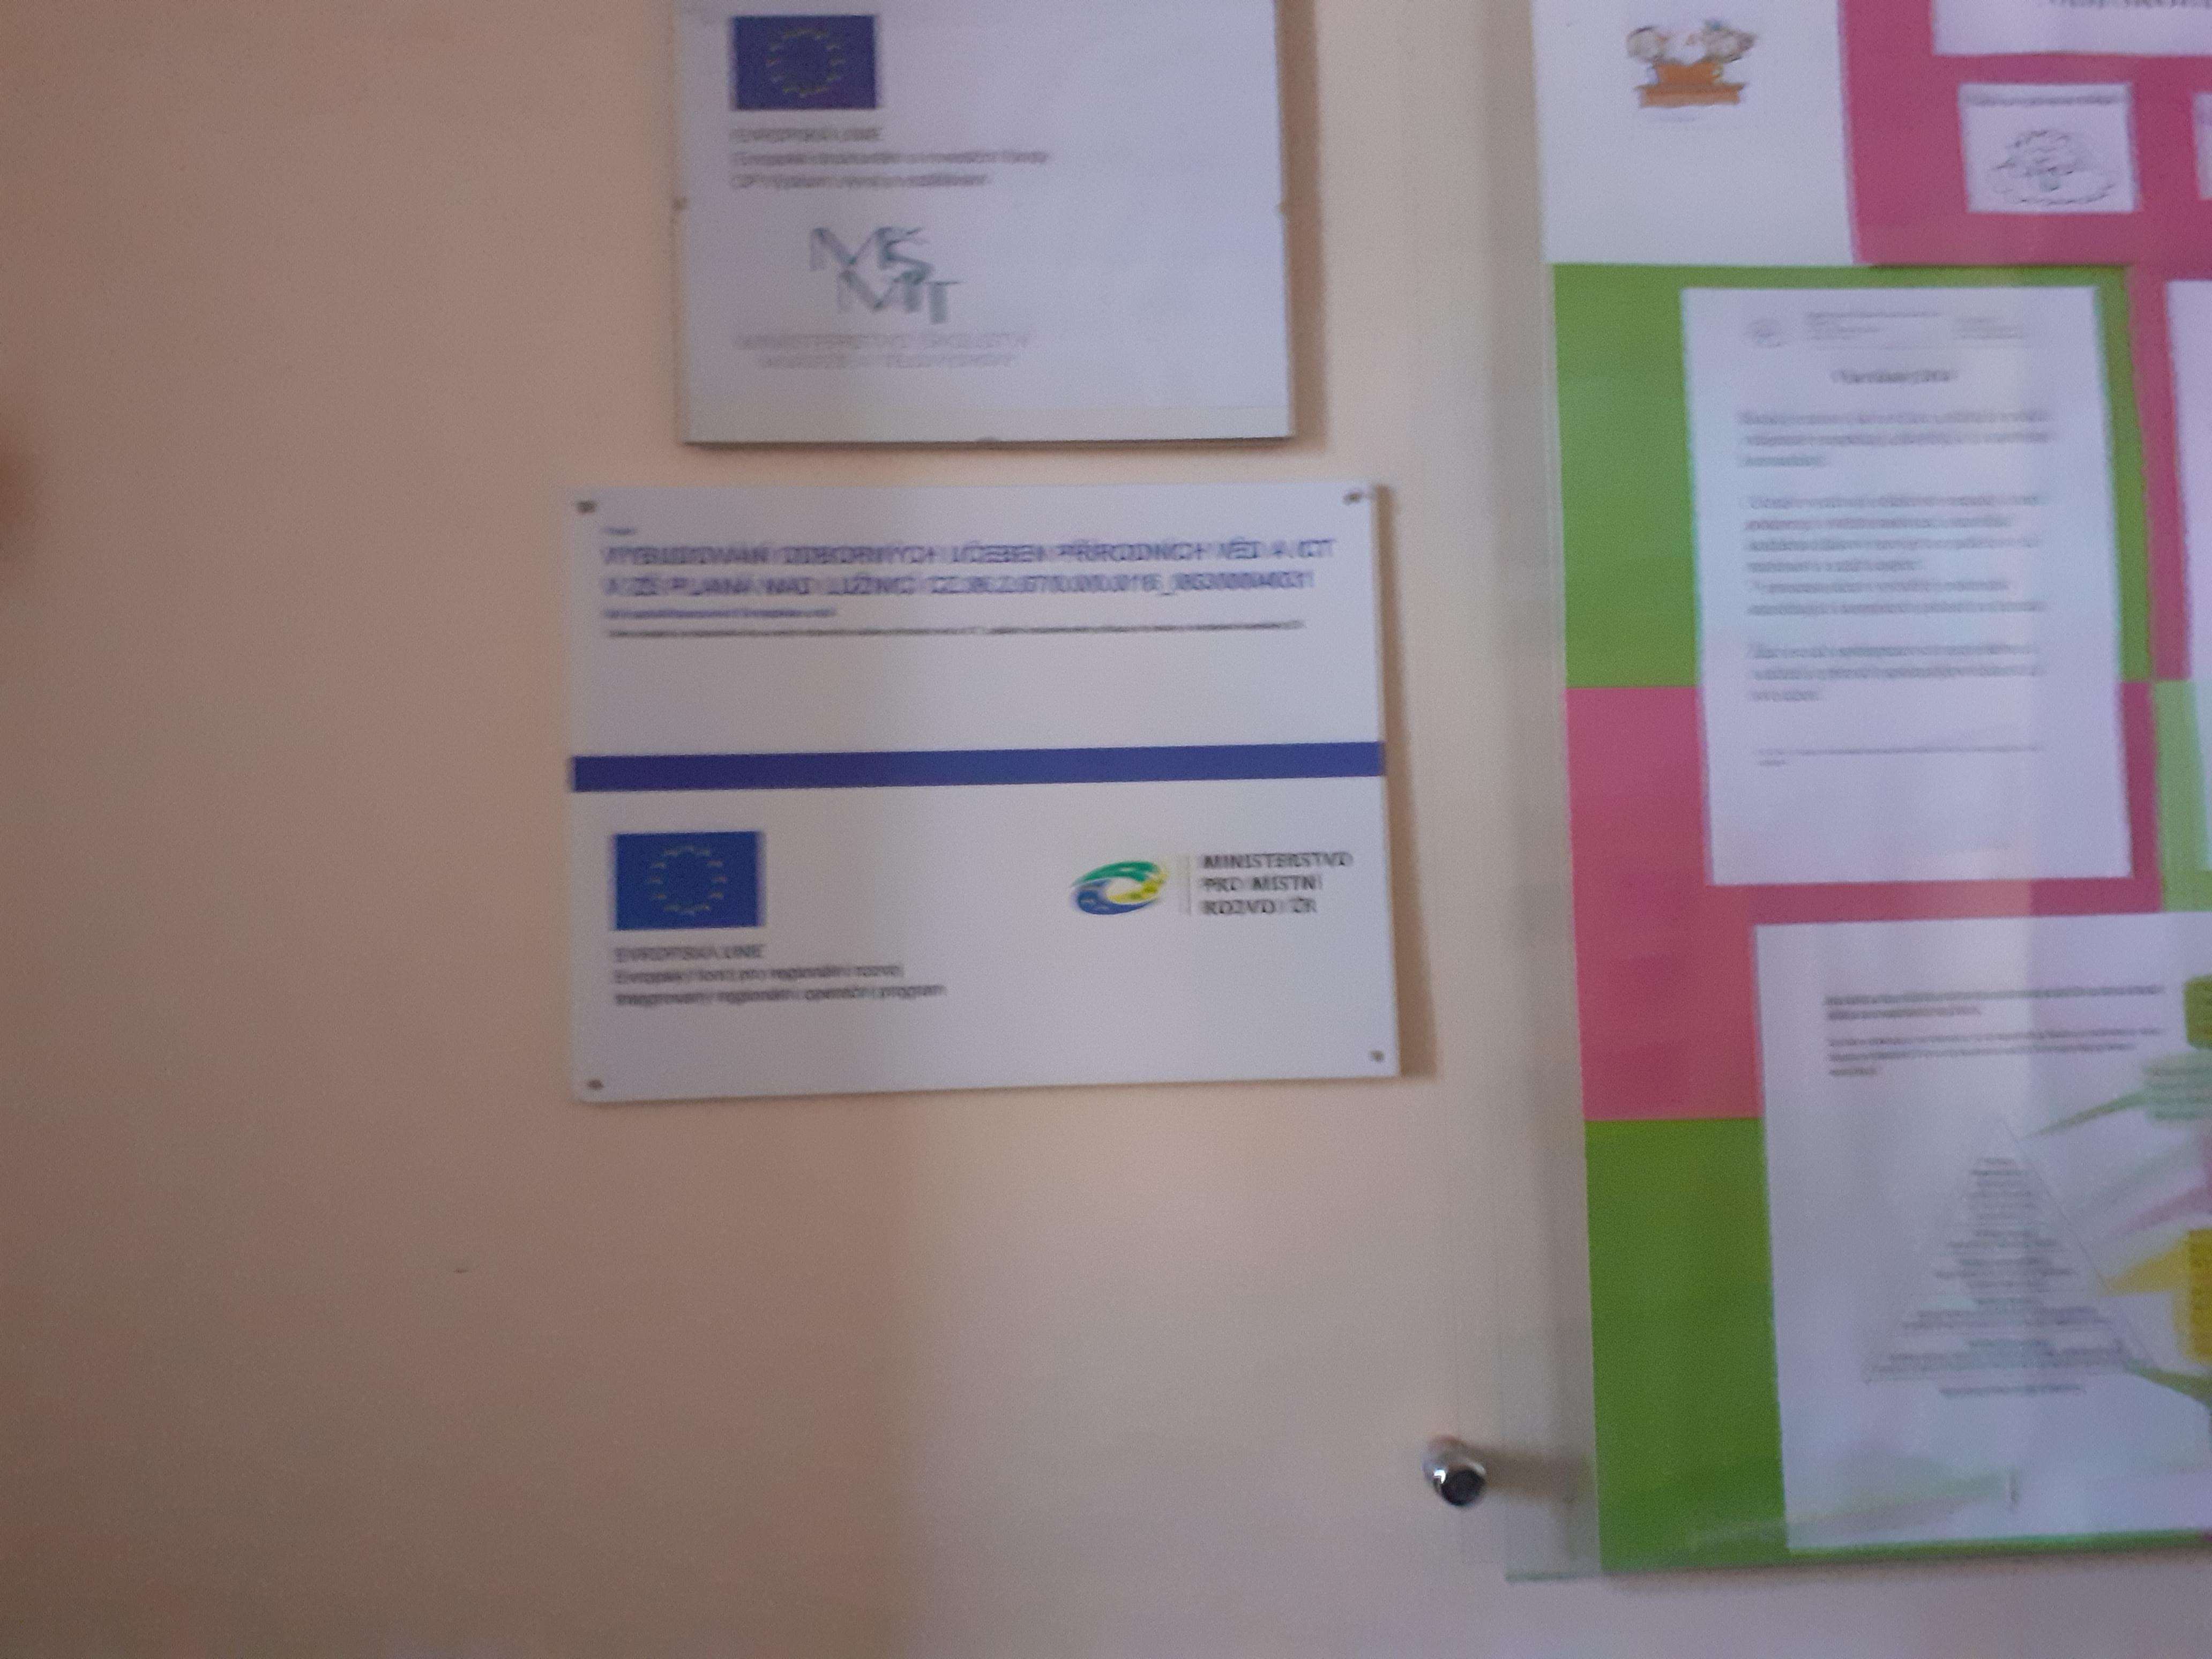 """1/ Projekt """" Vybudování odborných učeben přírodních věd a ICT v ZŠ Planá nad Lužnicí CZ.06.2.67/0.0/0.0/16_063/0004031"""""""